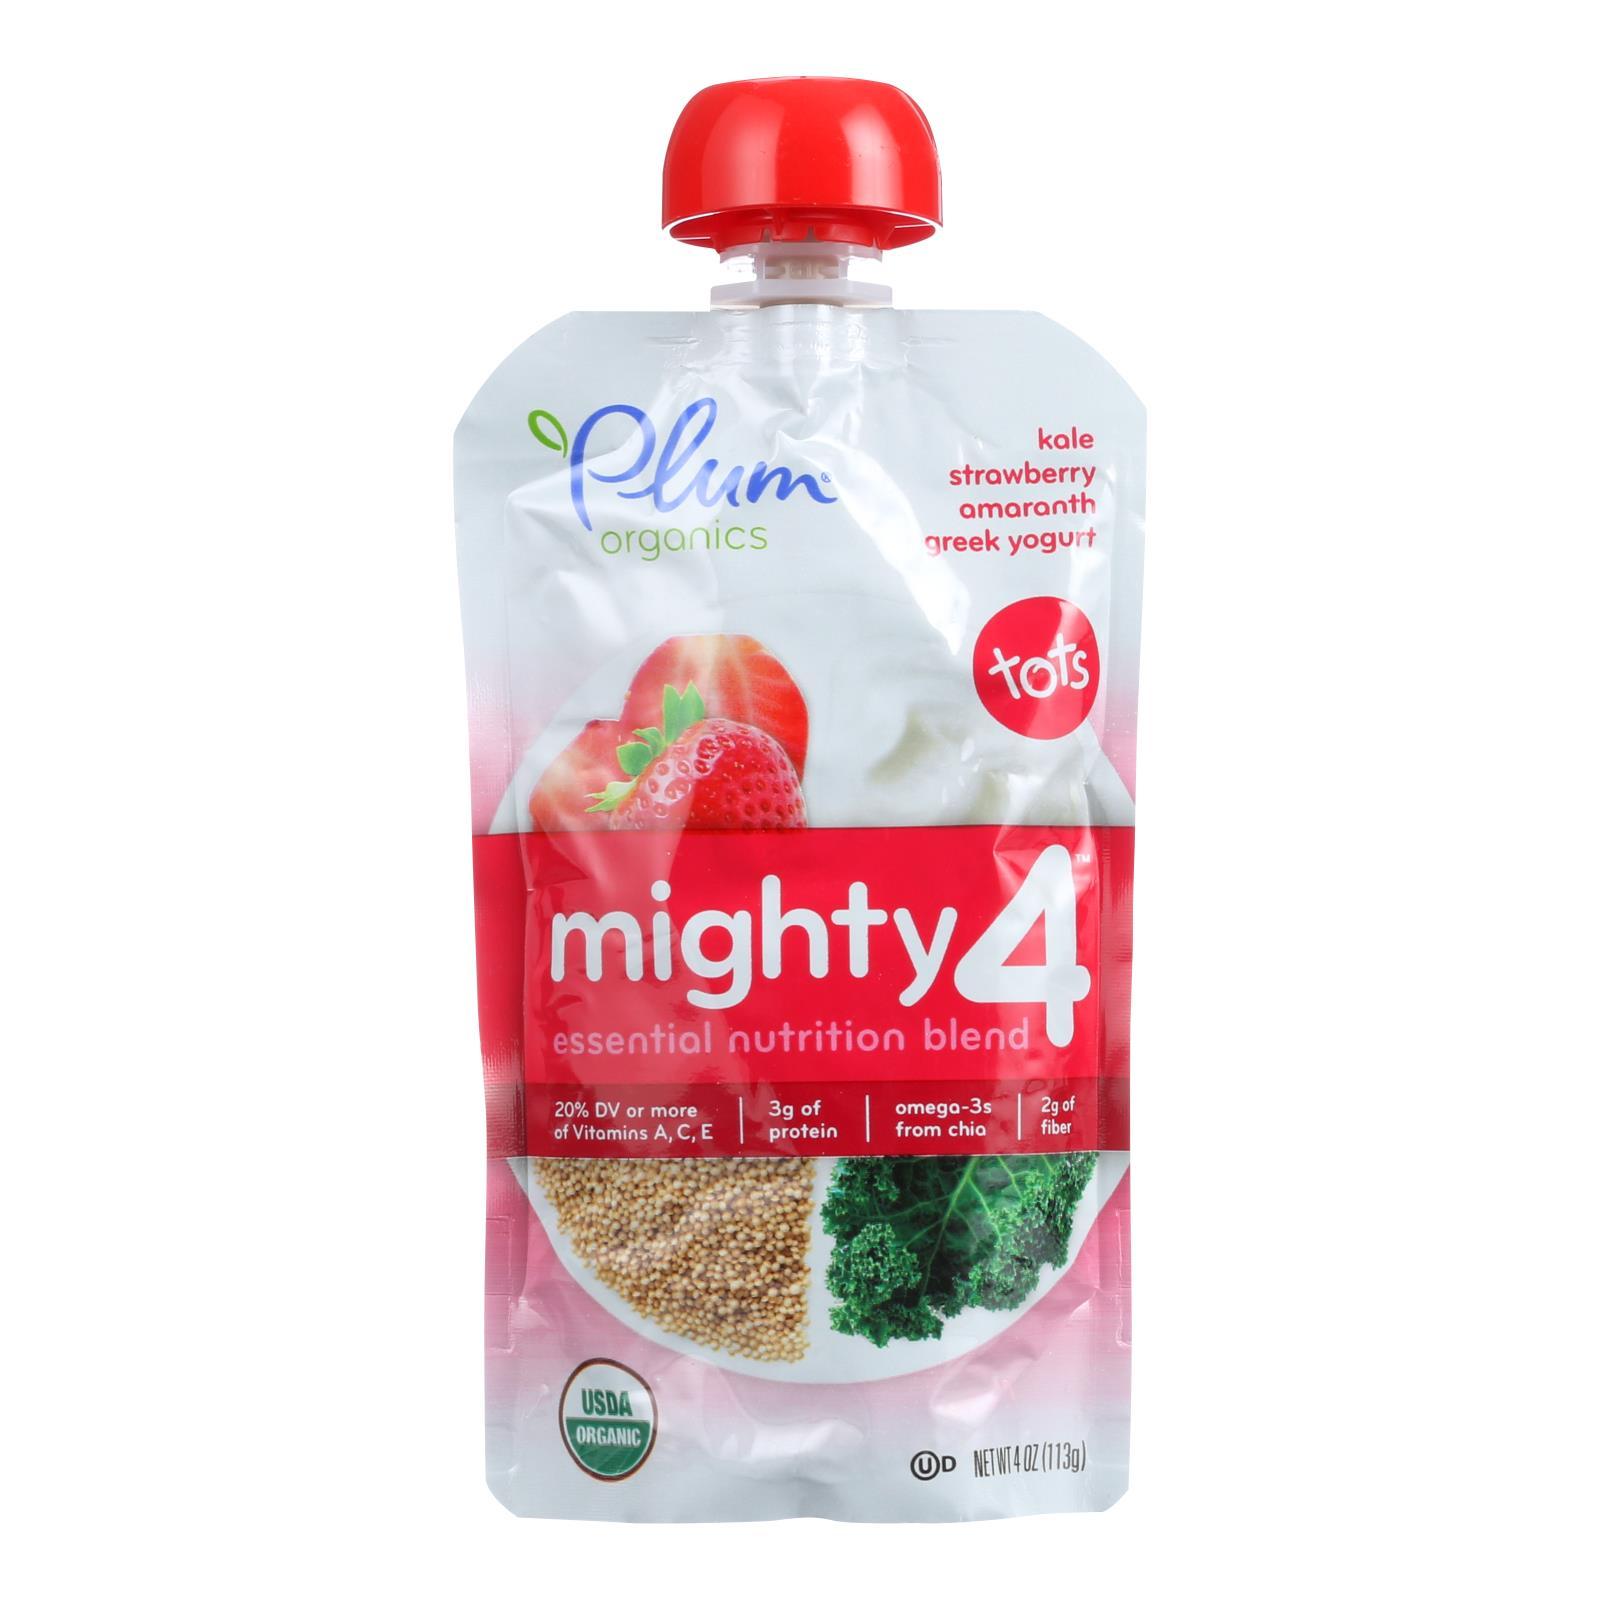 Plum Organics Essential Nutrition Blend - Mighty 4 - Kale Strawberry Amaranth Greek Yogurt - 4 oz - Case of 6